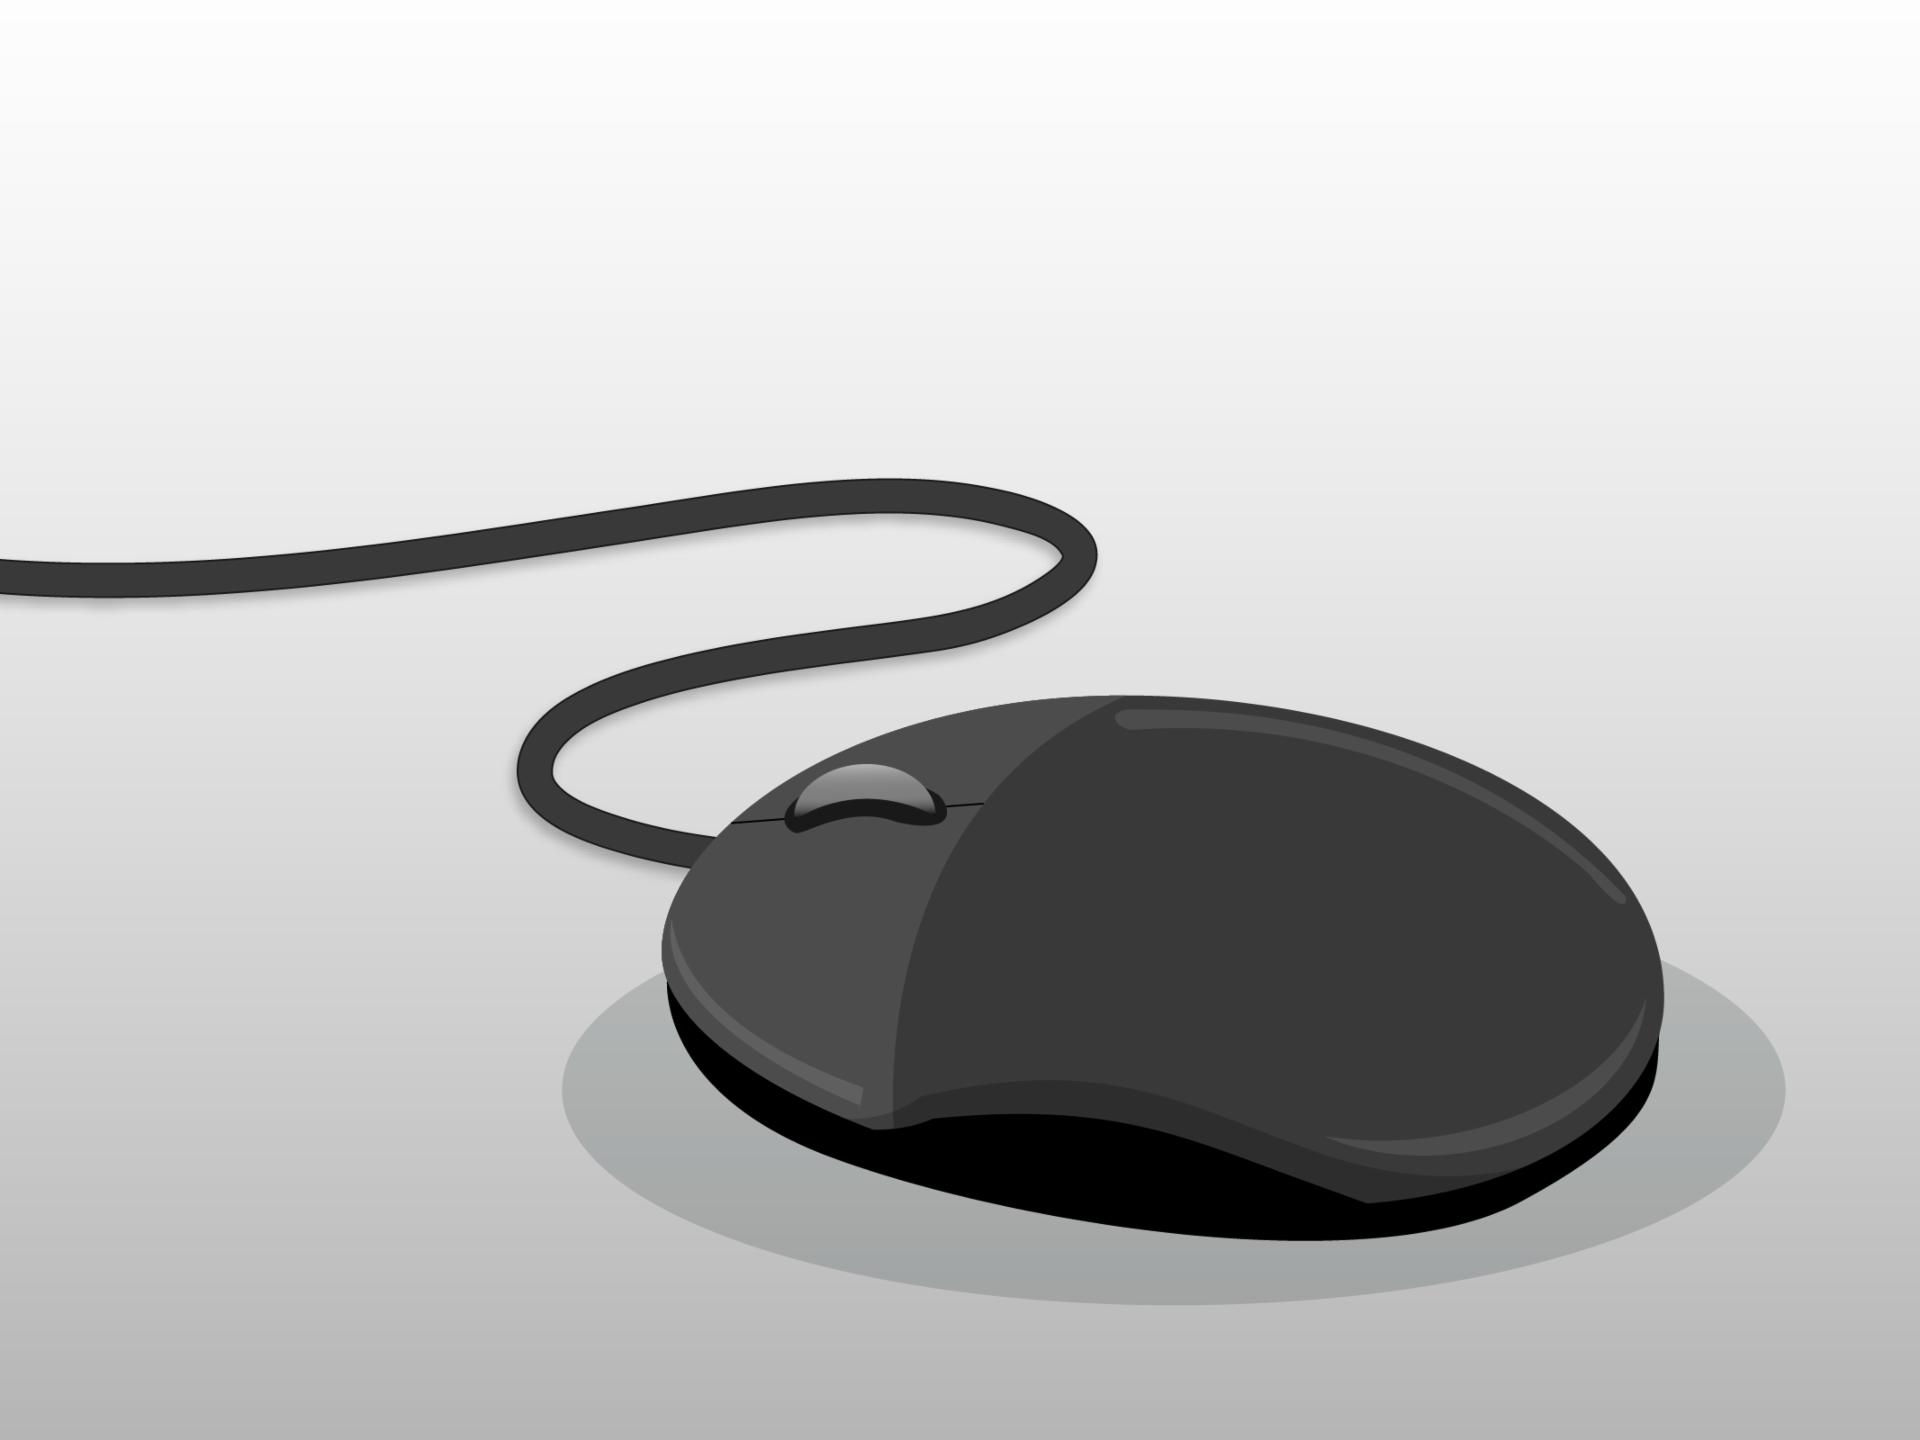 Mouse de computador.